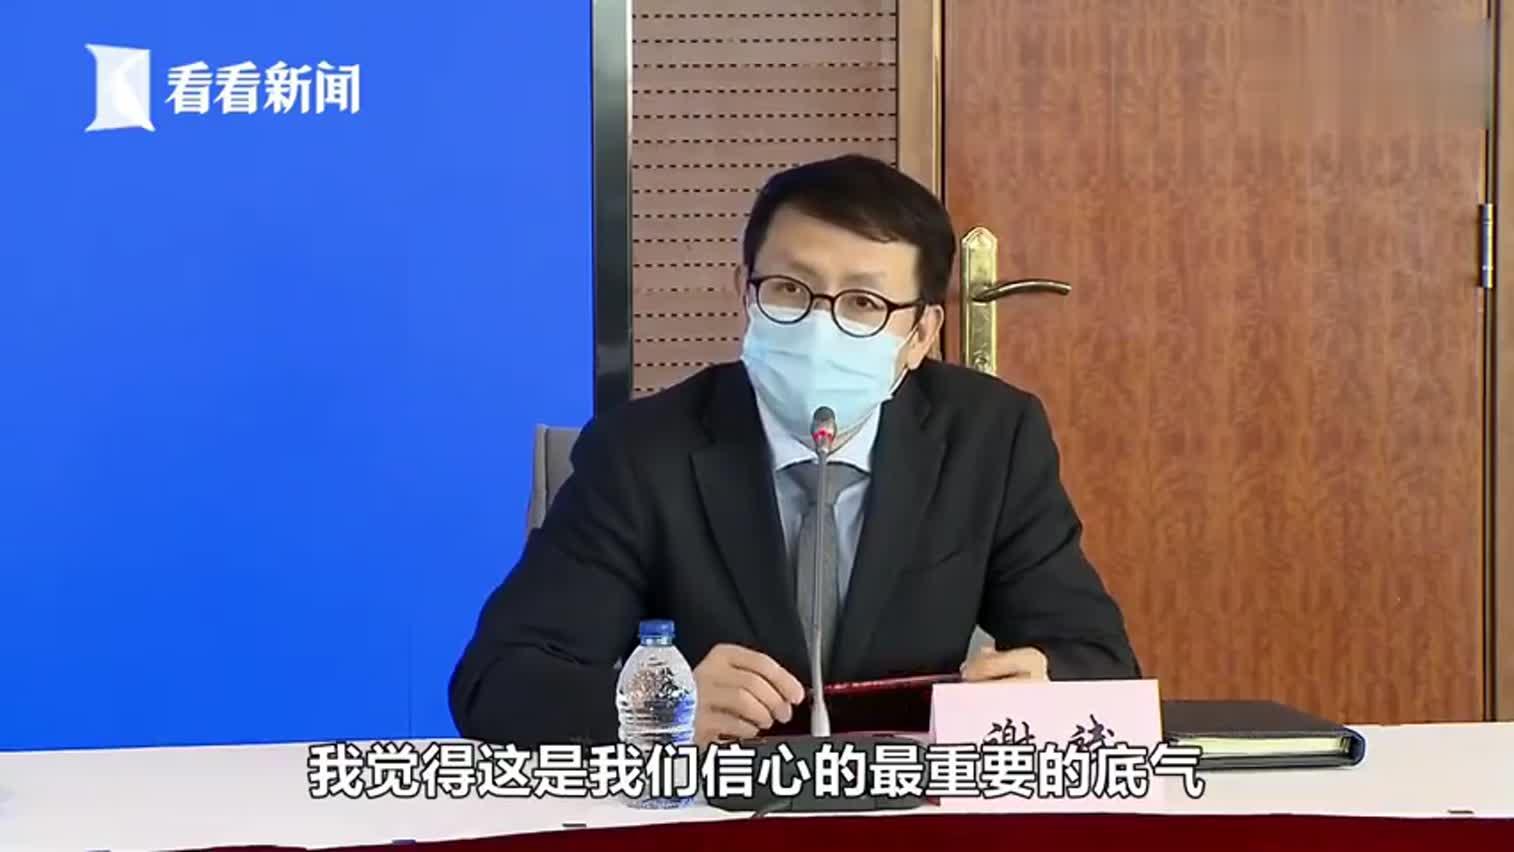 视频 上海人最怕死?专家:怕死才可能最快切断疾病